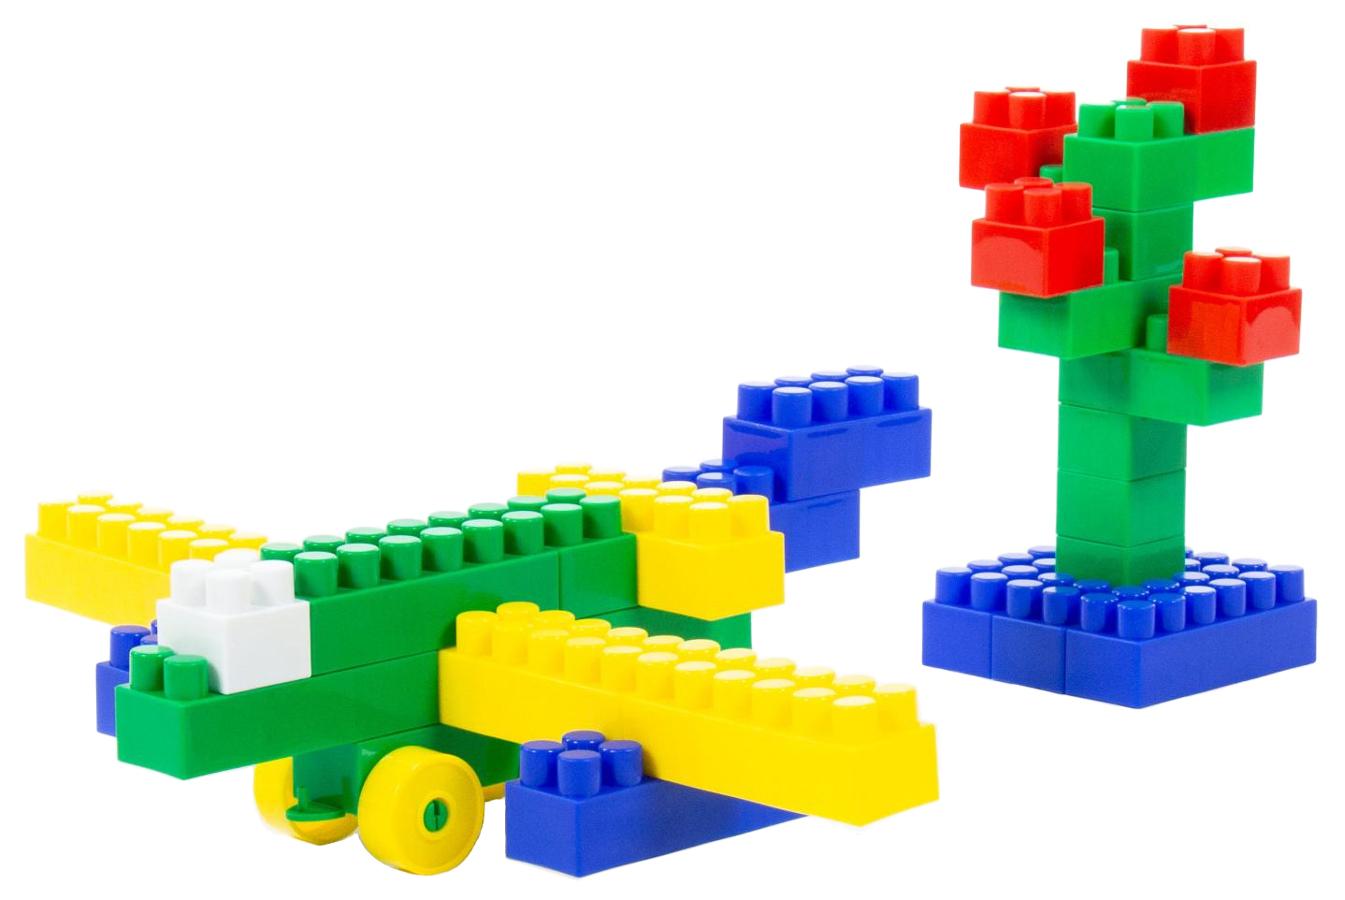 Купить Игрушки, Конструктор Полесье Строитель Средний 95 деталей в мешке, Конструкторы пластмассовые